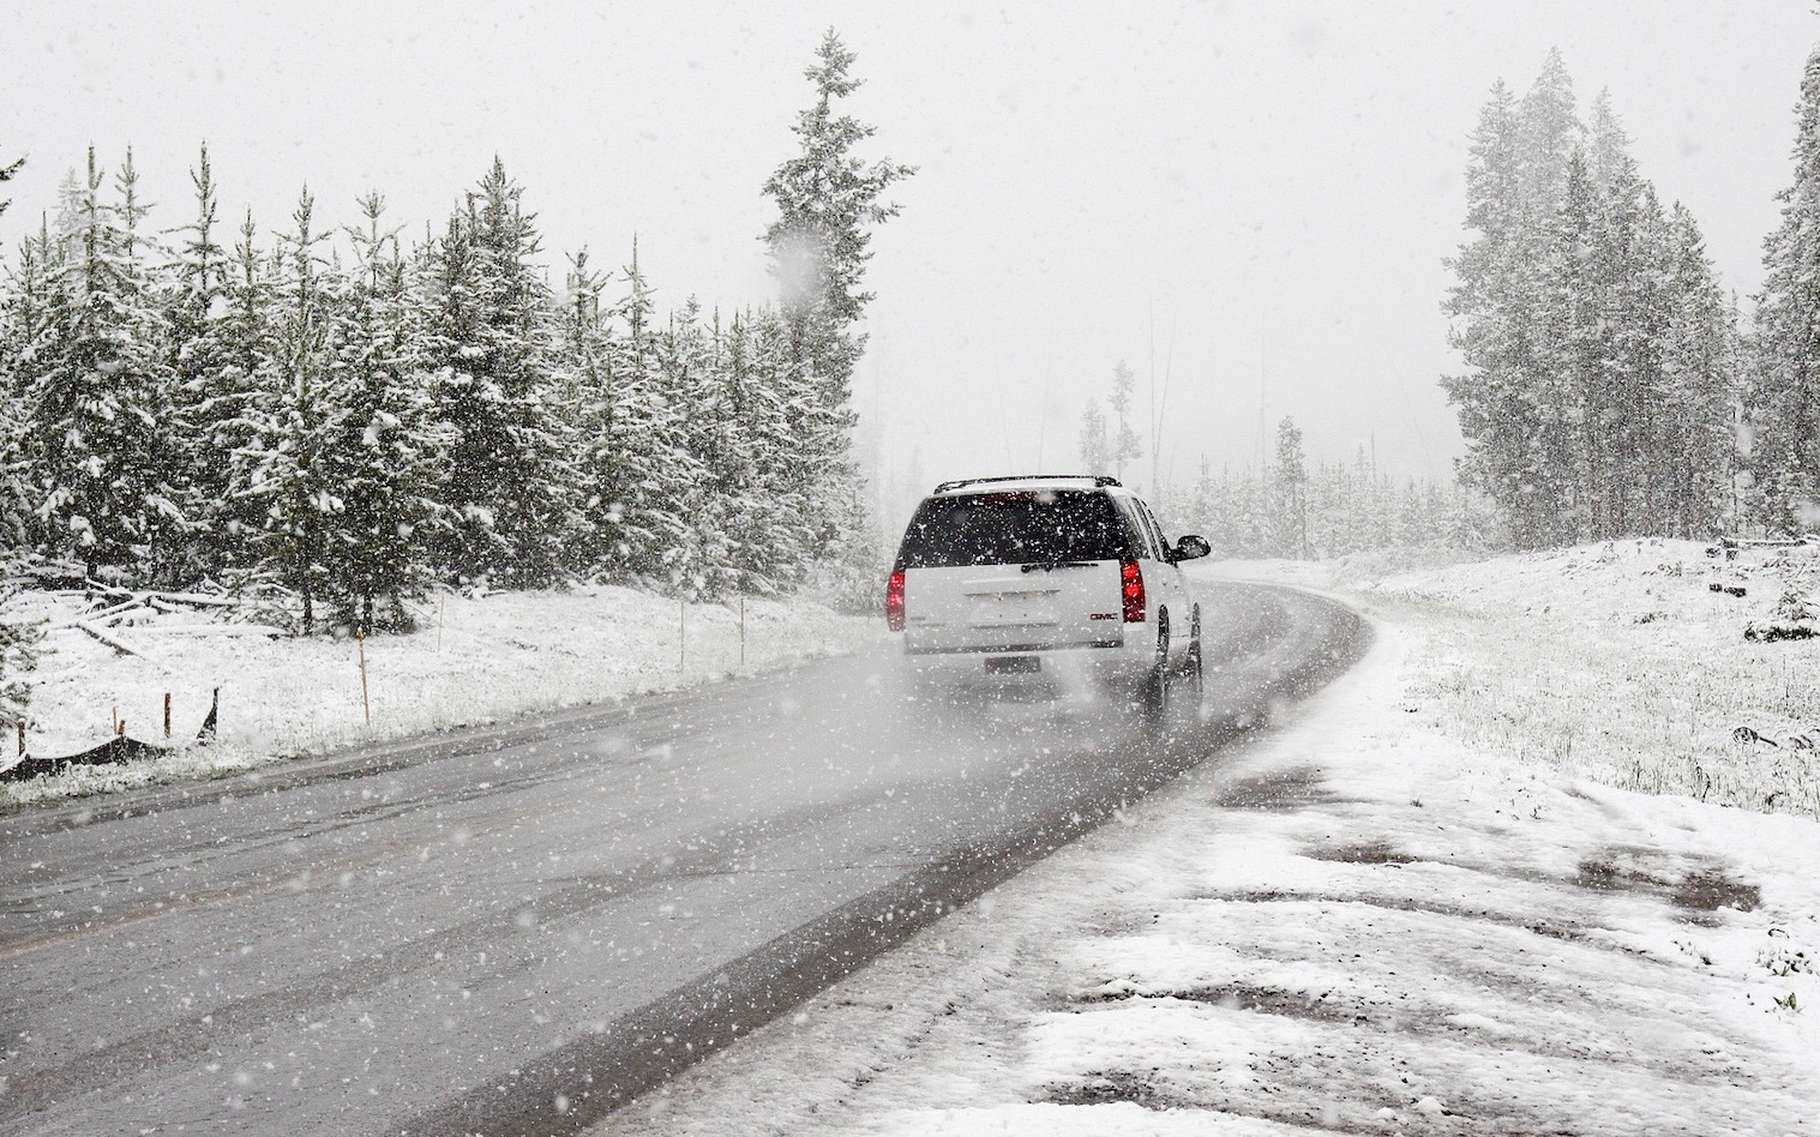 Sur une route enneigée, il faut surtout adopter une conduite souple et posée. © Pexels, Pixabay, CC0 Creative Commons